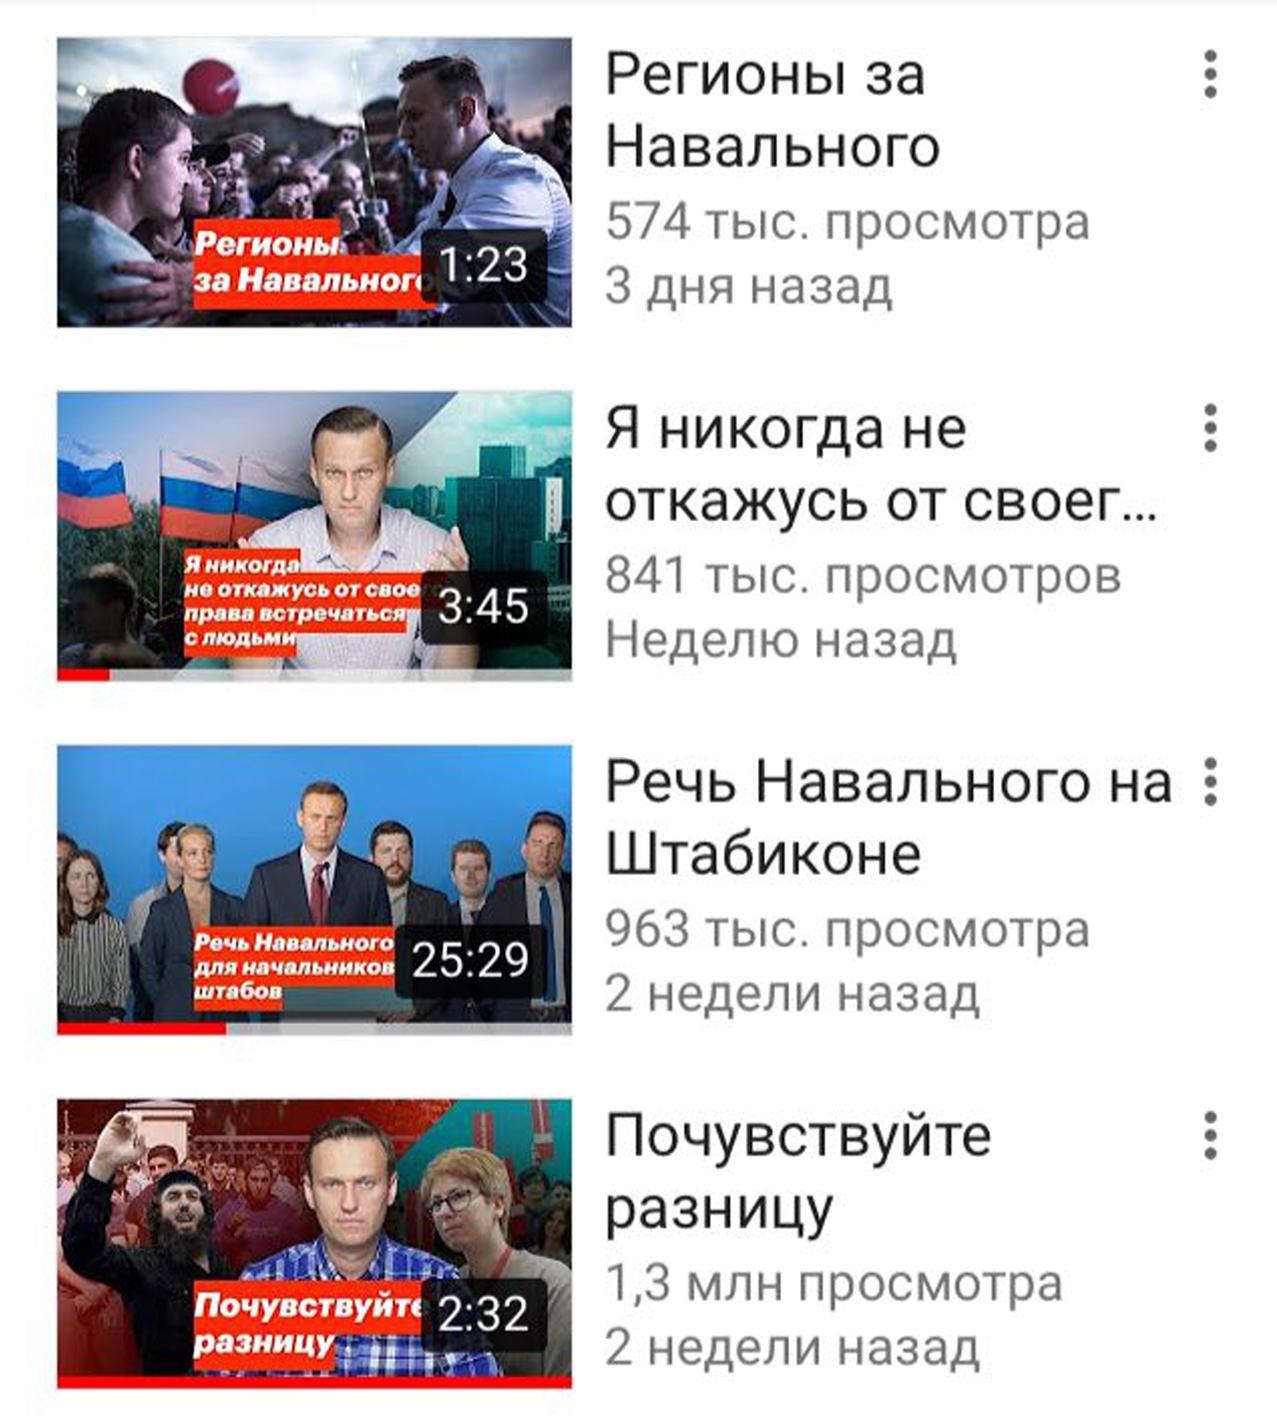 телеграм-канал